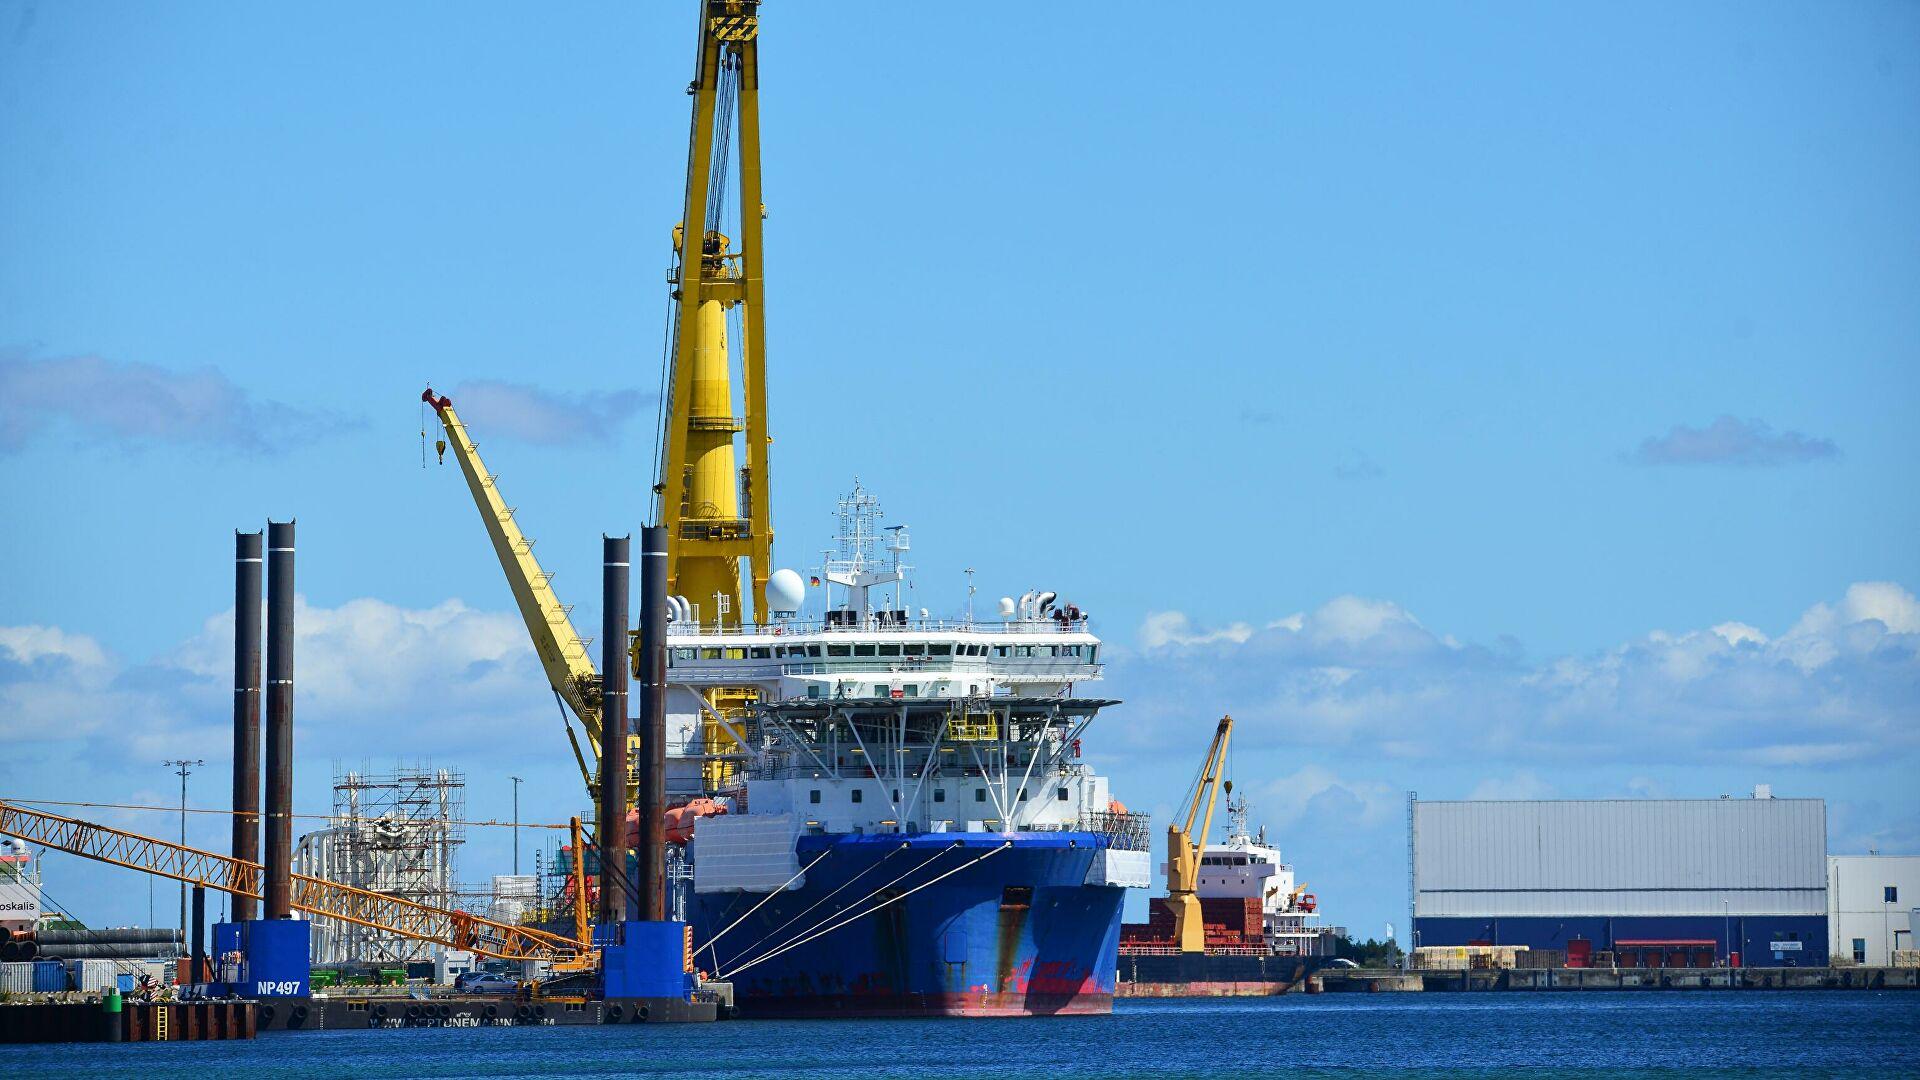 """Брод за полагање цеви """"Академик Черски"""" би могао довршити изградњу """"Северног тока 2"""""""